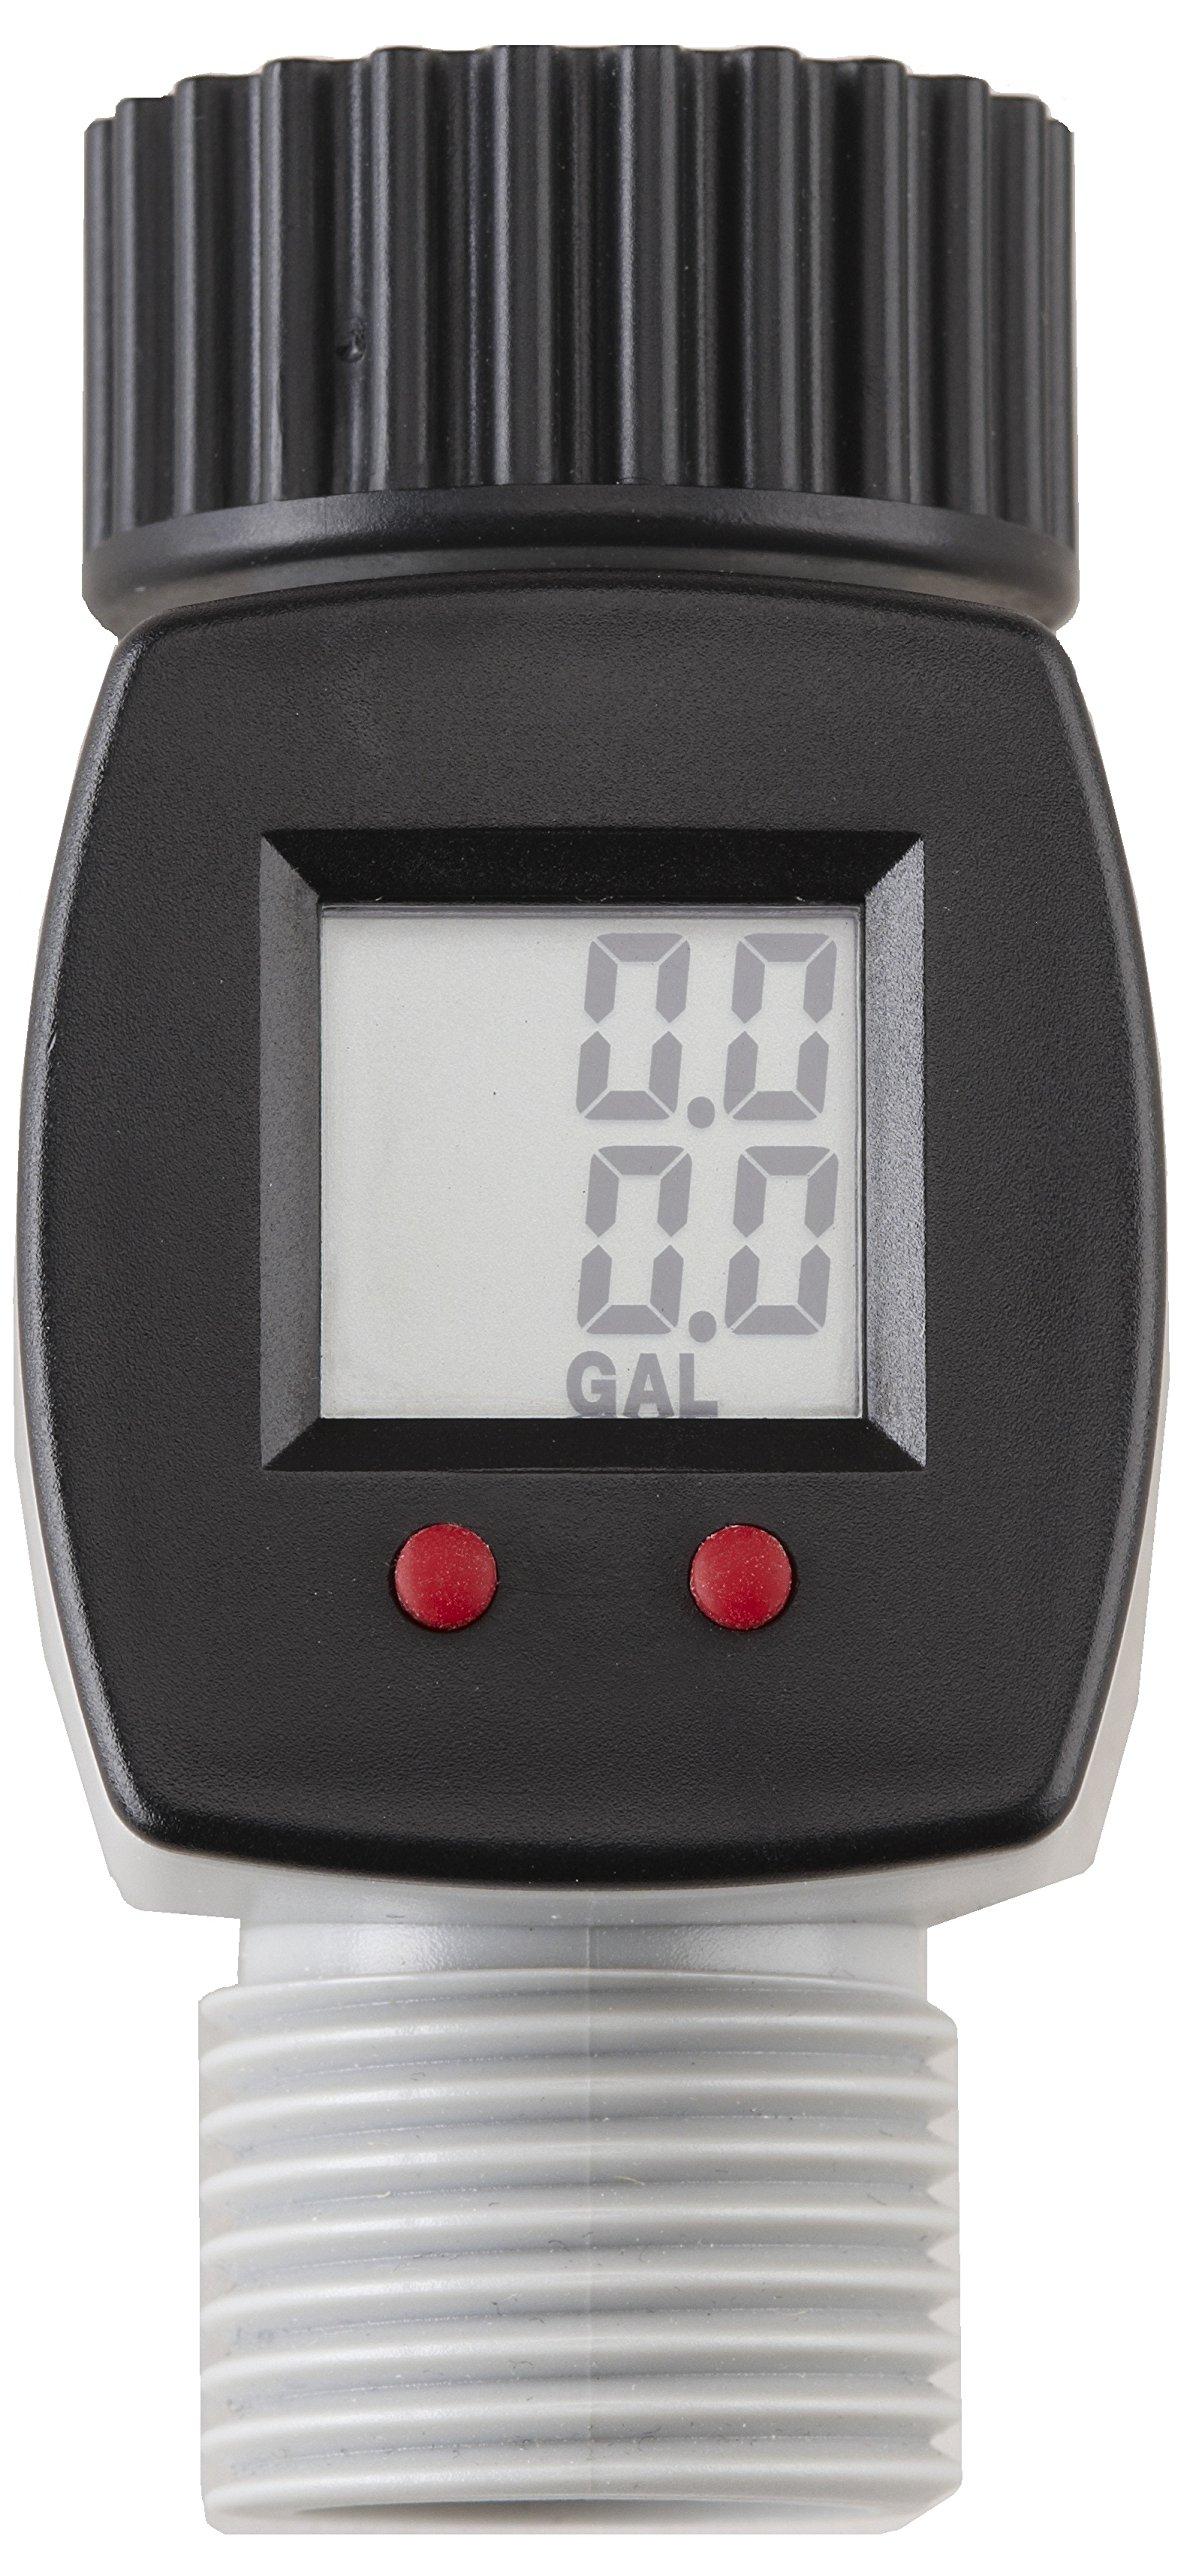 Digital Water Meter : Rainwave rw fm lcd digital water flow meter